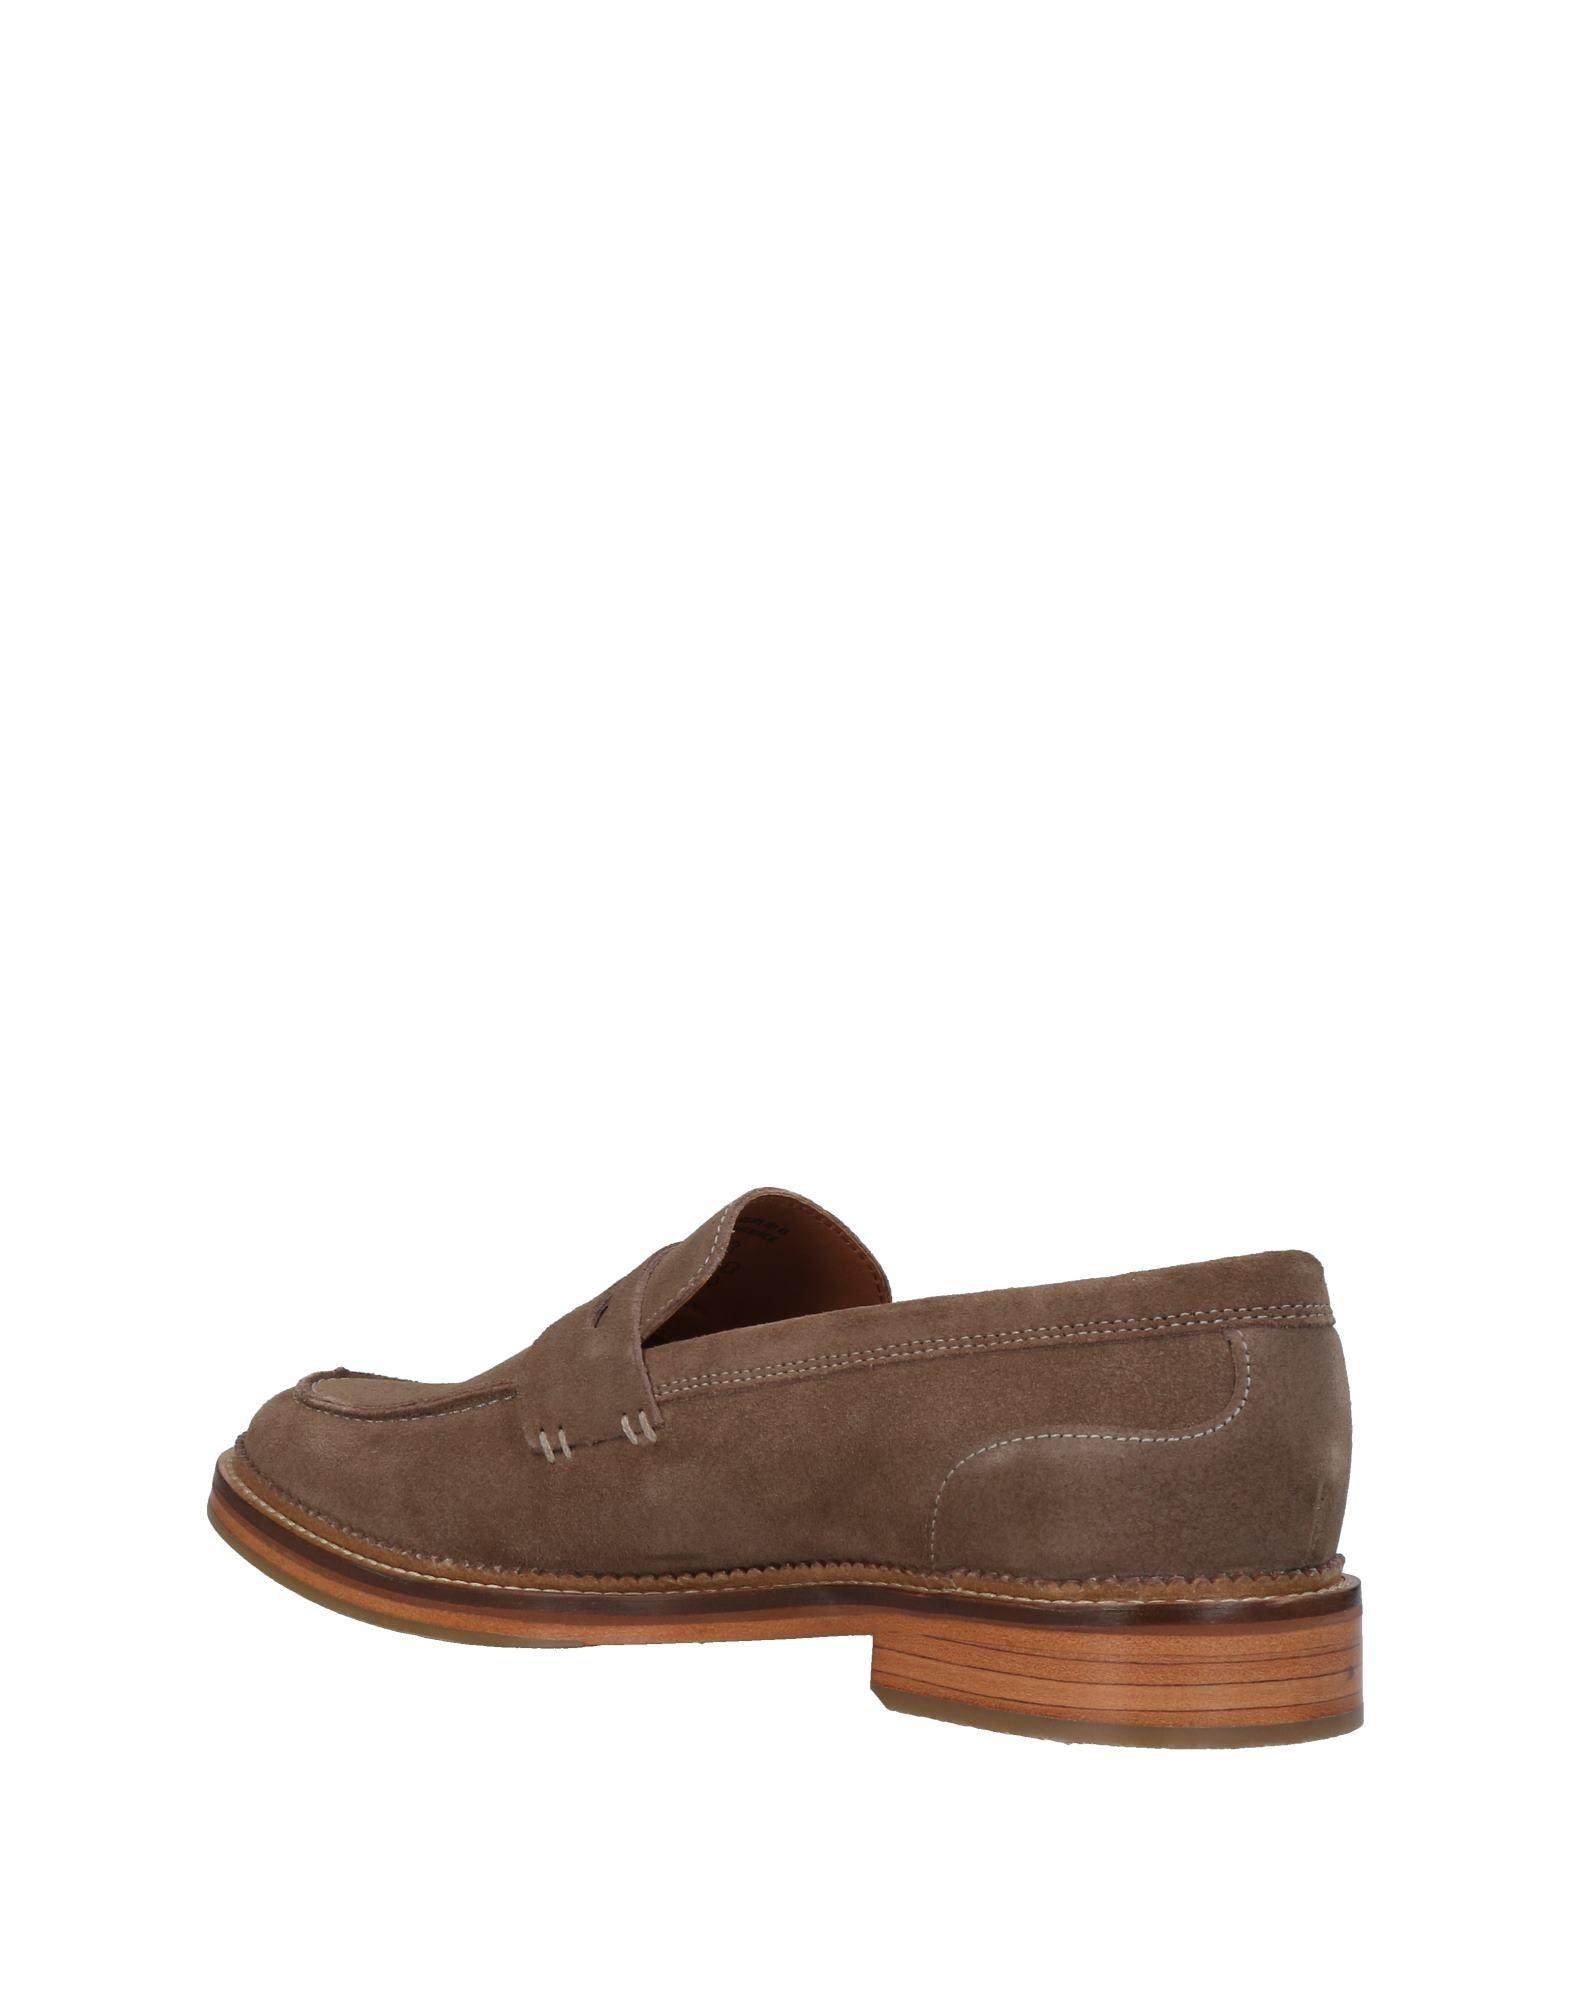 Rabatt echte Schuhe Schuhe echte Lumberjack Mokassins Herren  11454823MO 193b37